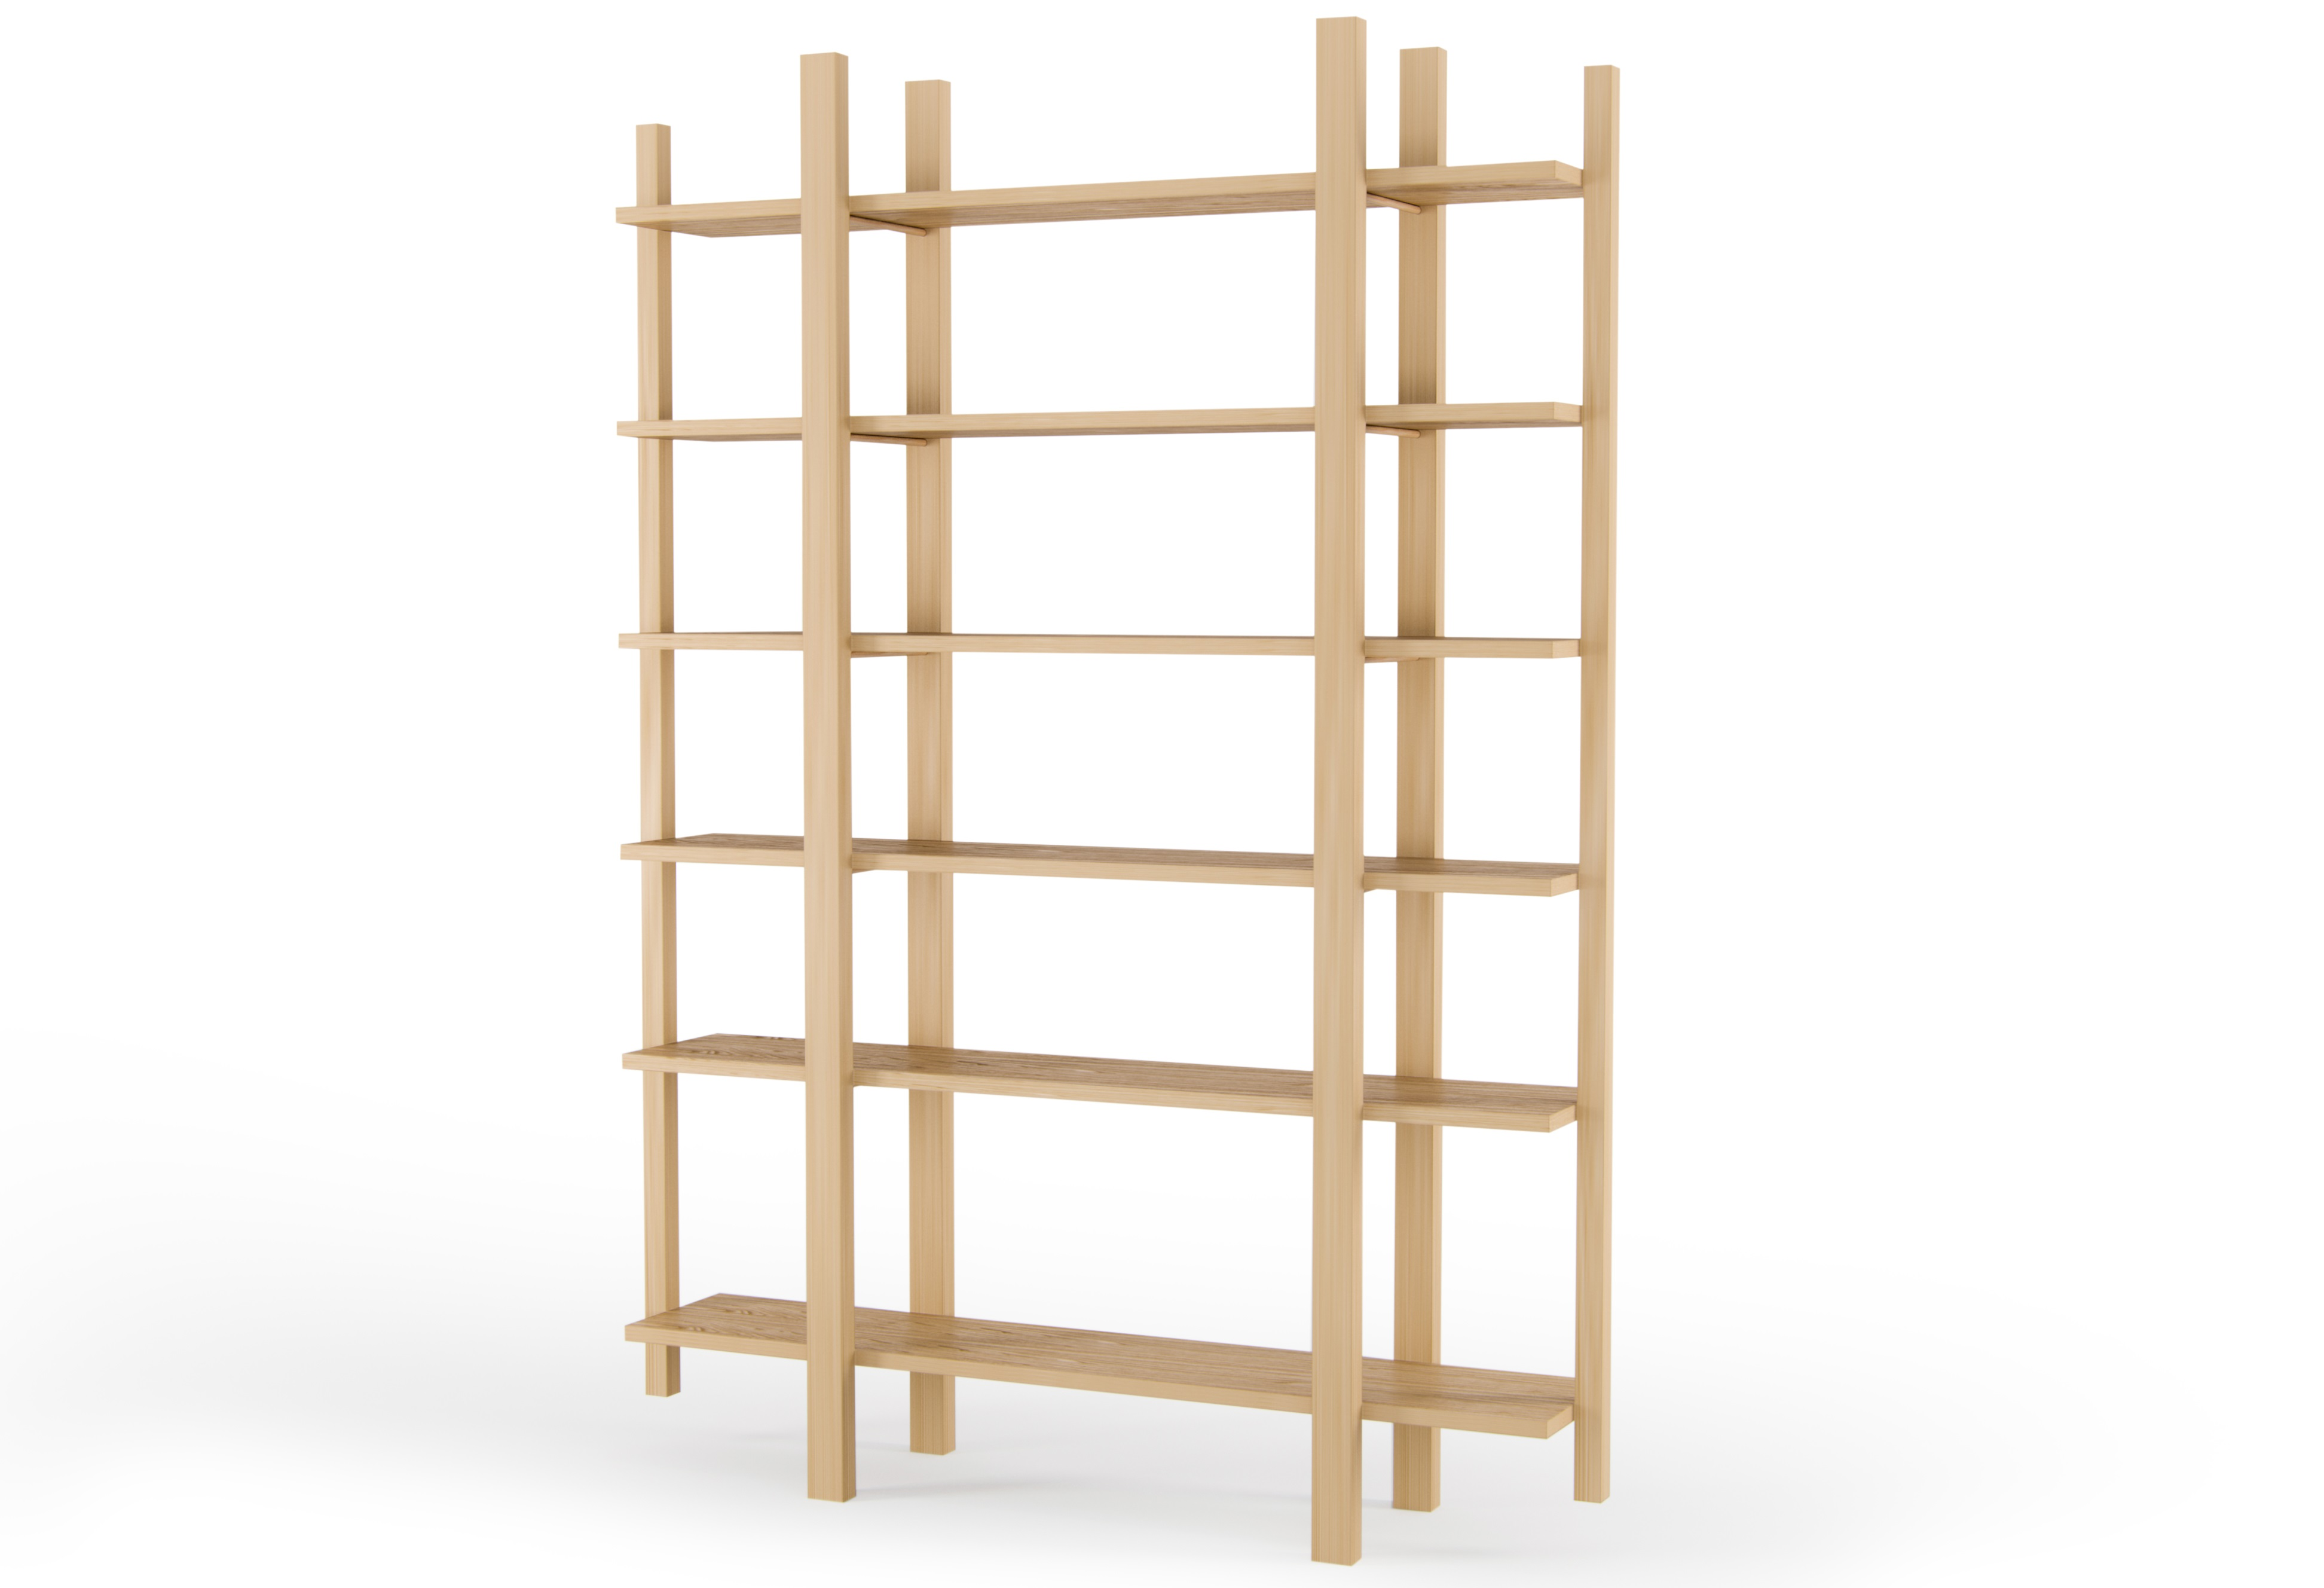 СтеллажСтеллажи и этажерки<br>Дизайн стеллажа неразрывно связан с общей концепцией мебели Woodi: функциональность, качество и простота скандинавского дизайна. Стеллаж многовариантного использования для хранения книг, альбомов, декора и ценных мелочей. Стеллаж может использоваться как дома в гостиной или прихожей , так и в офисах, барах и ресторанах, и везде, где необходимо необычное и современное решение для хранения полезных мелочей. Собирается самостоятельно без использования инструментов. Материал: Массив дуба, МДФ, шпон дуба, лак<br><br>Material: Дерево<br>Width см: 150<br>Depth см: 28<br>Height см: 215